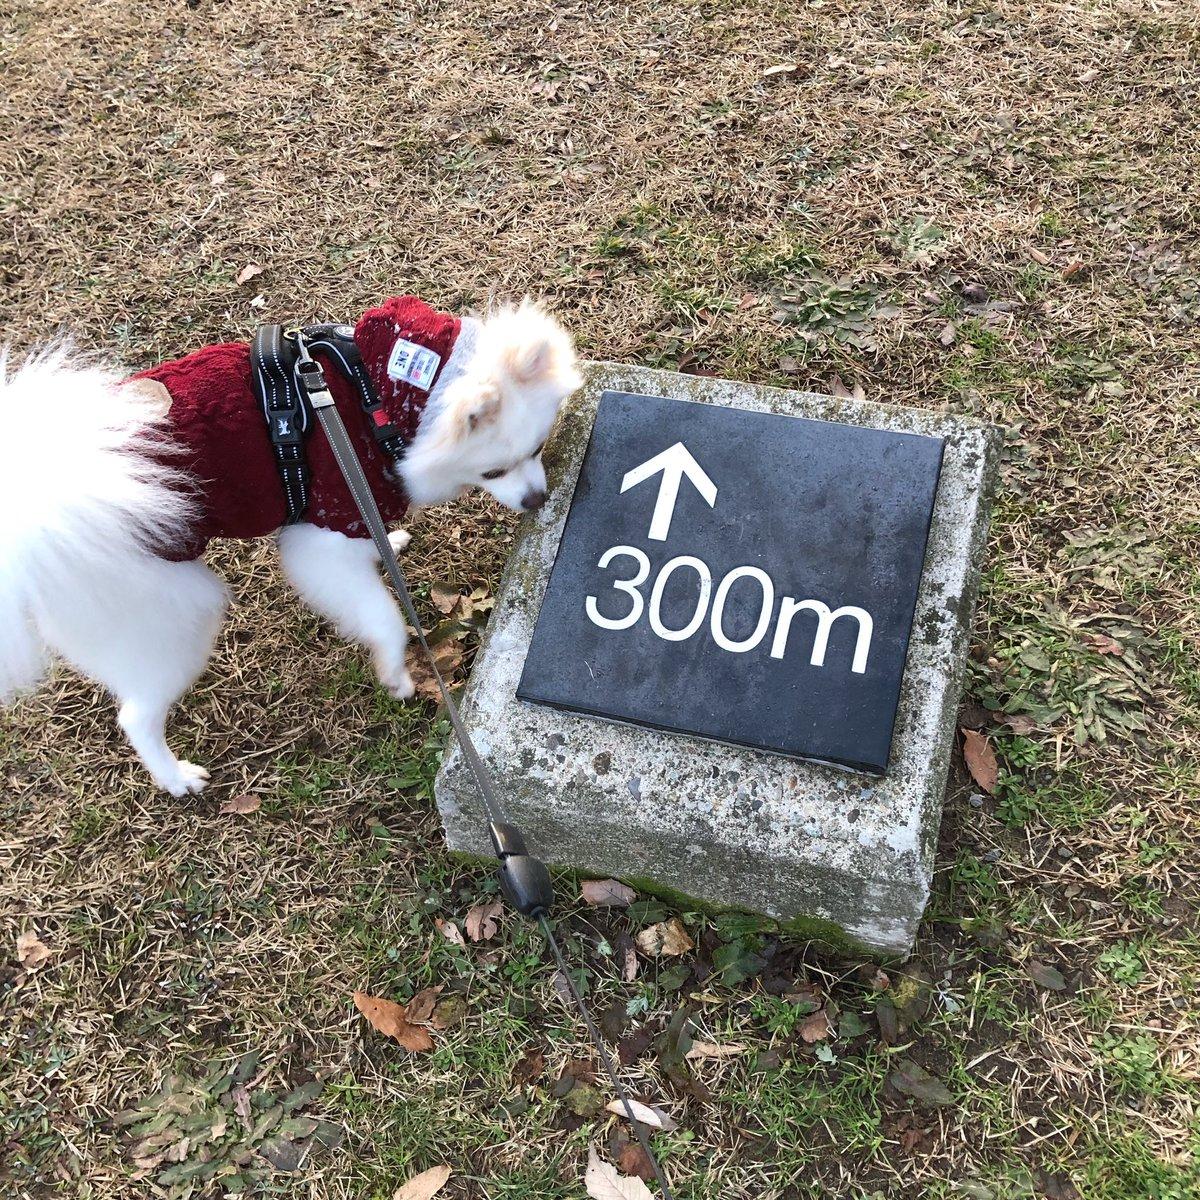 なんやこれ? やけに四角いし、なんか時書いてるし‥矢印の先になんかあるんやろか??? #散歩 #気になる #pomeranian #dog #ポメラニアン #コタロー #犬  #親バカ部